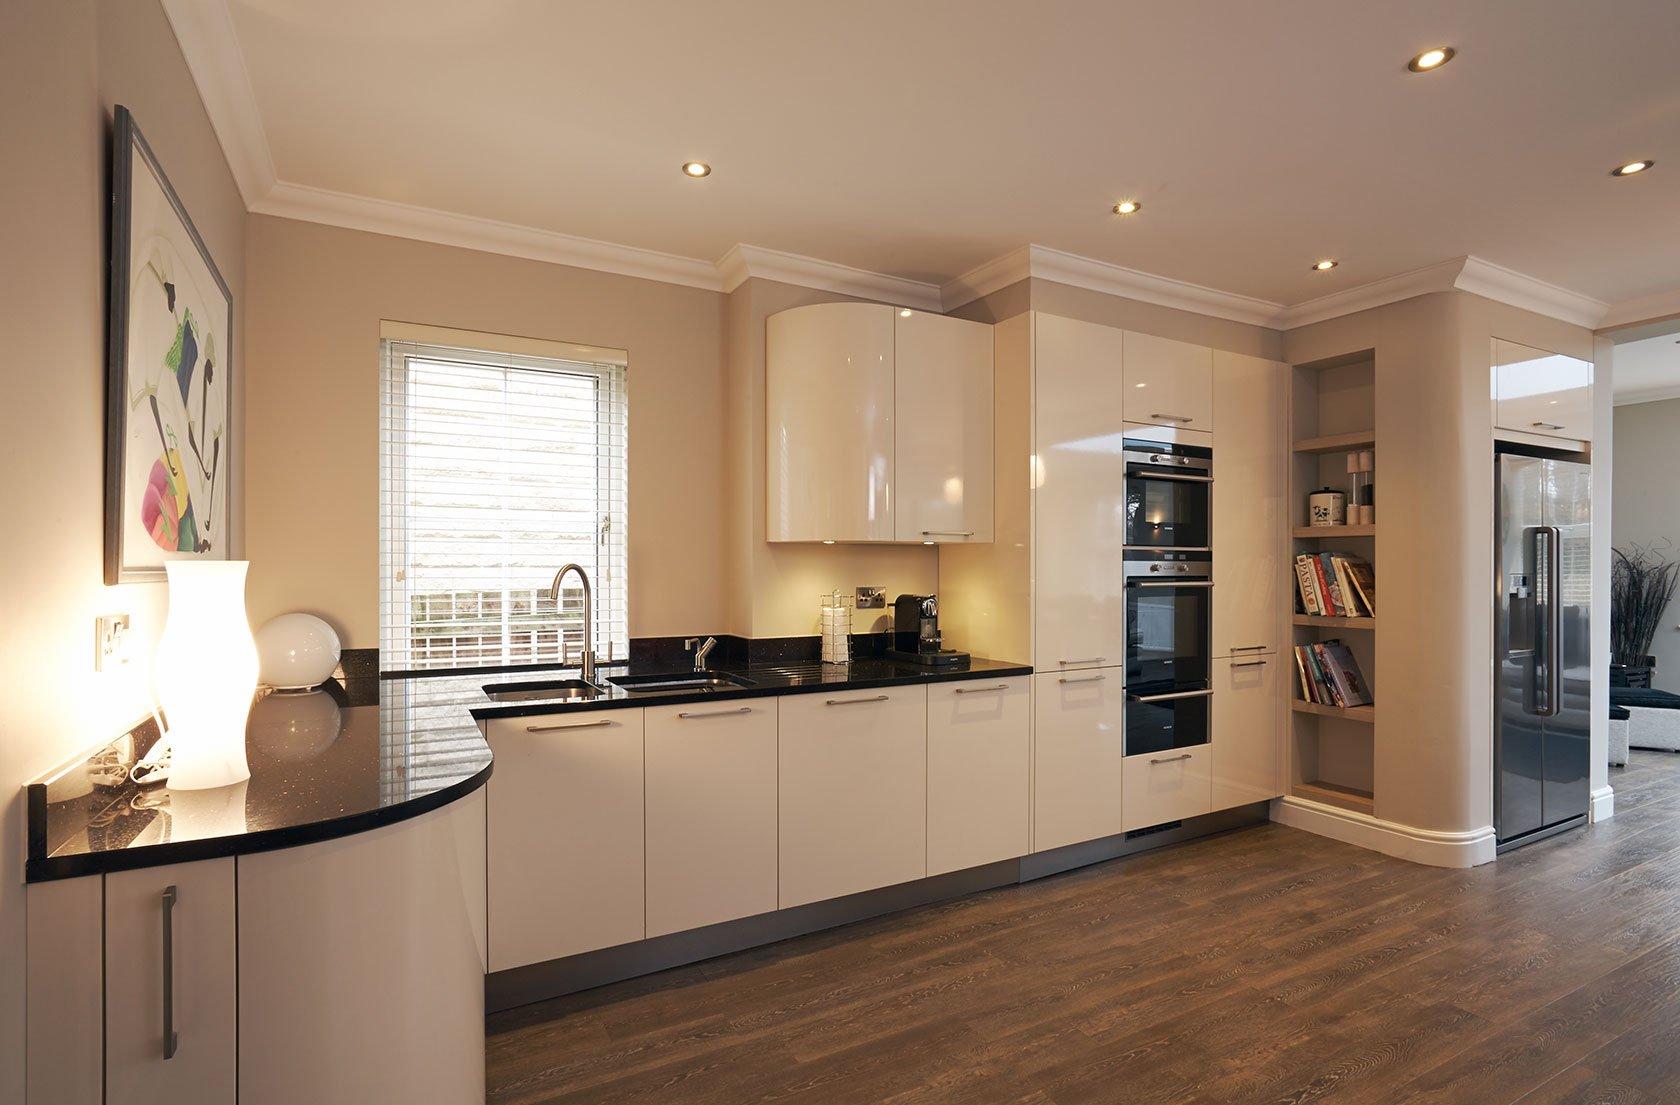 Weetwood-leeds-kitchen-design-ls16-gallery-2